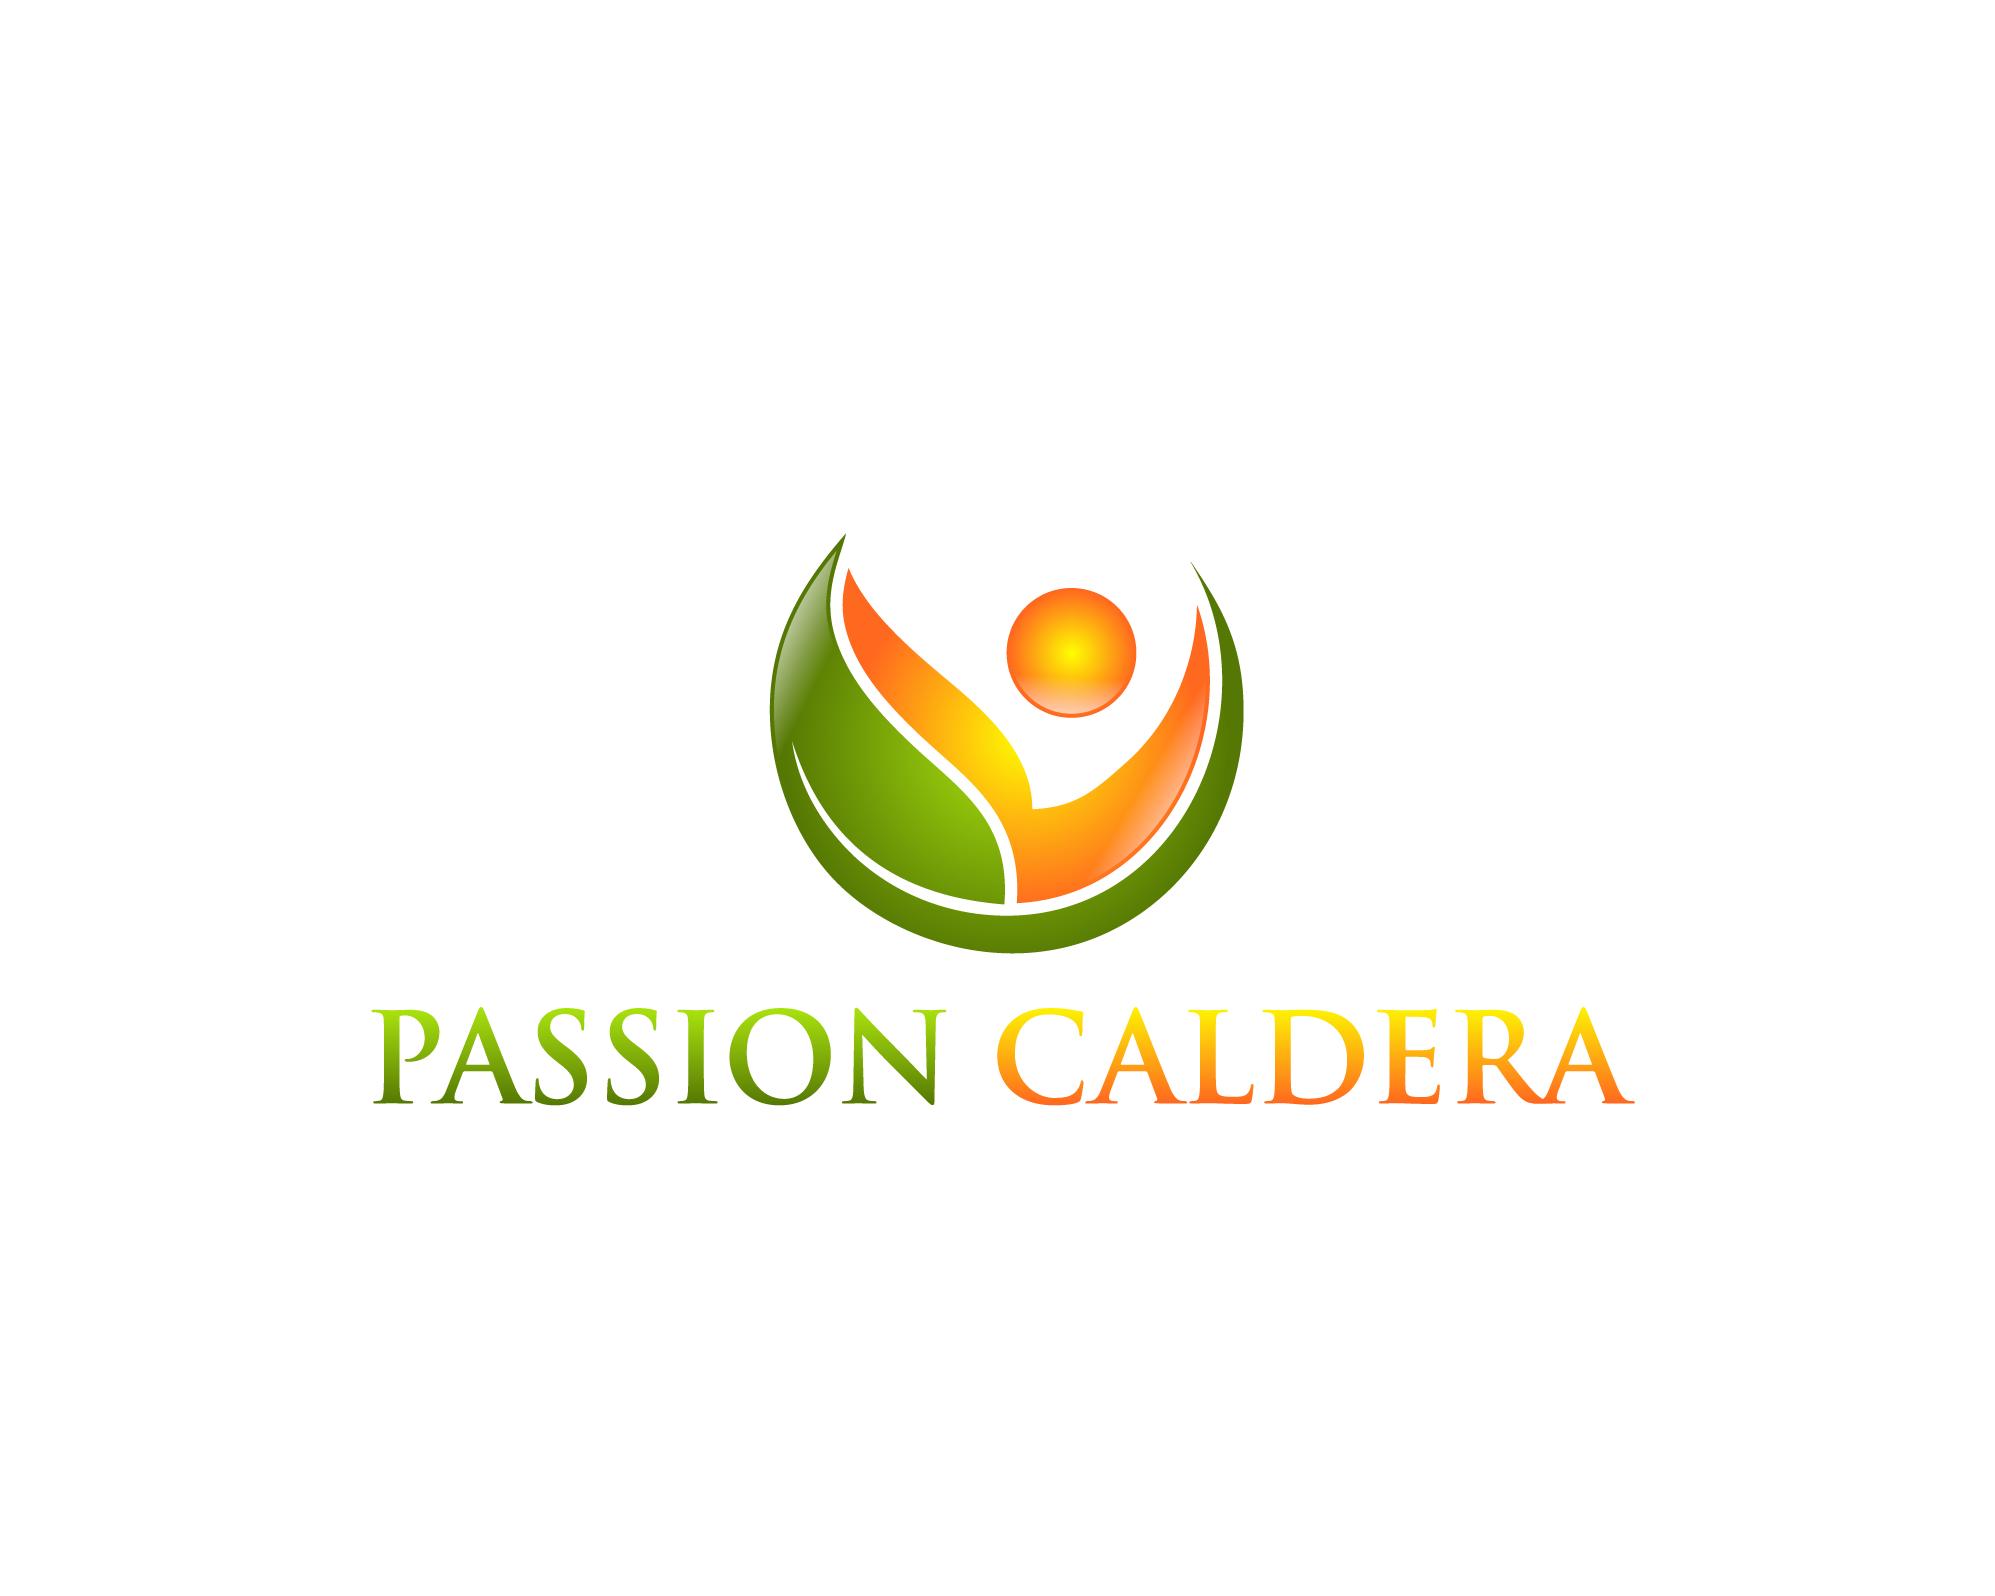 Passion Caldera